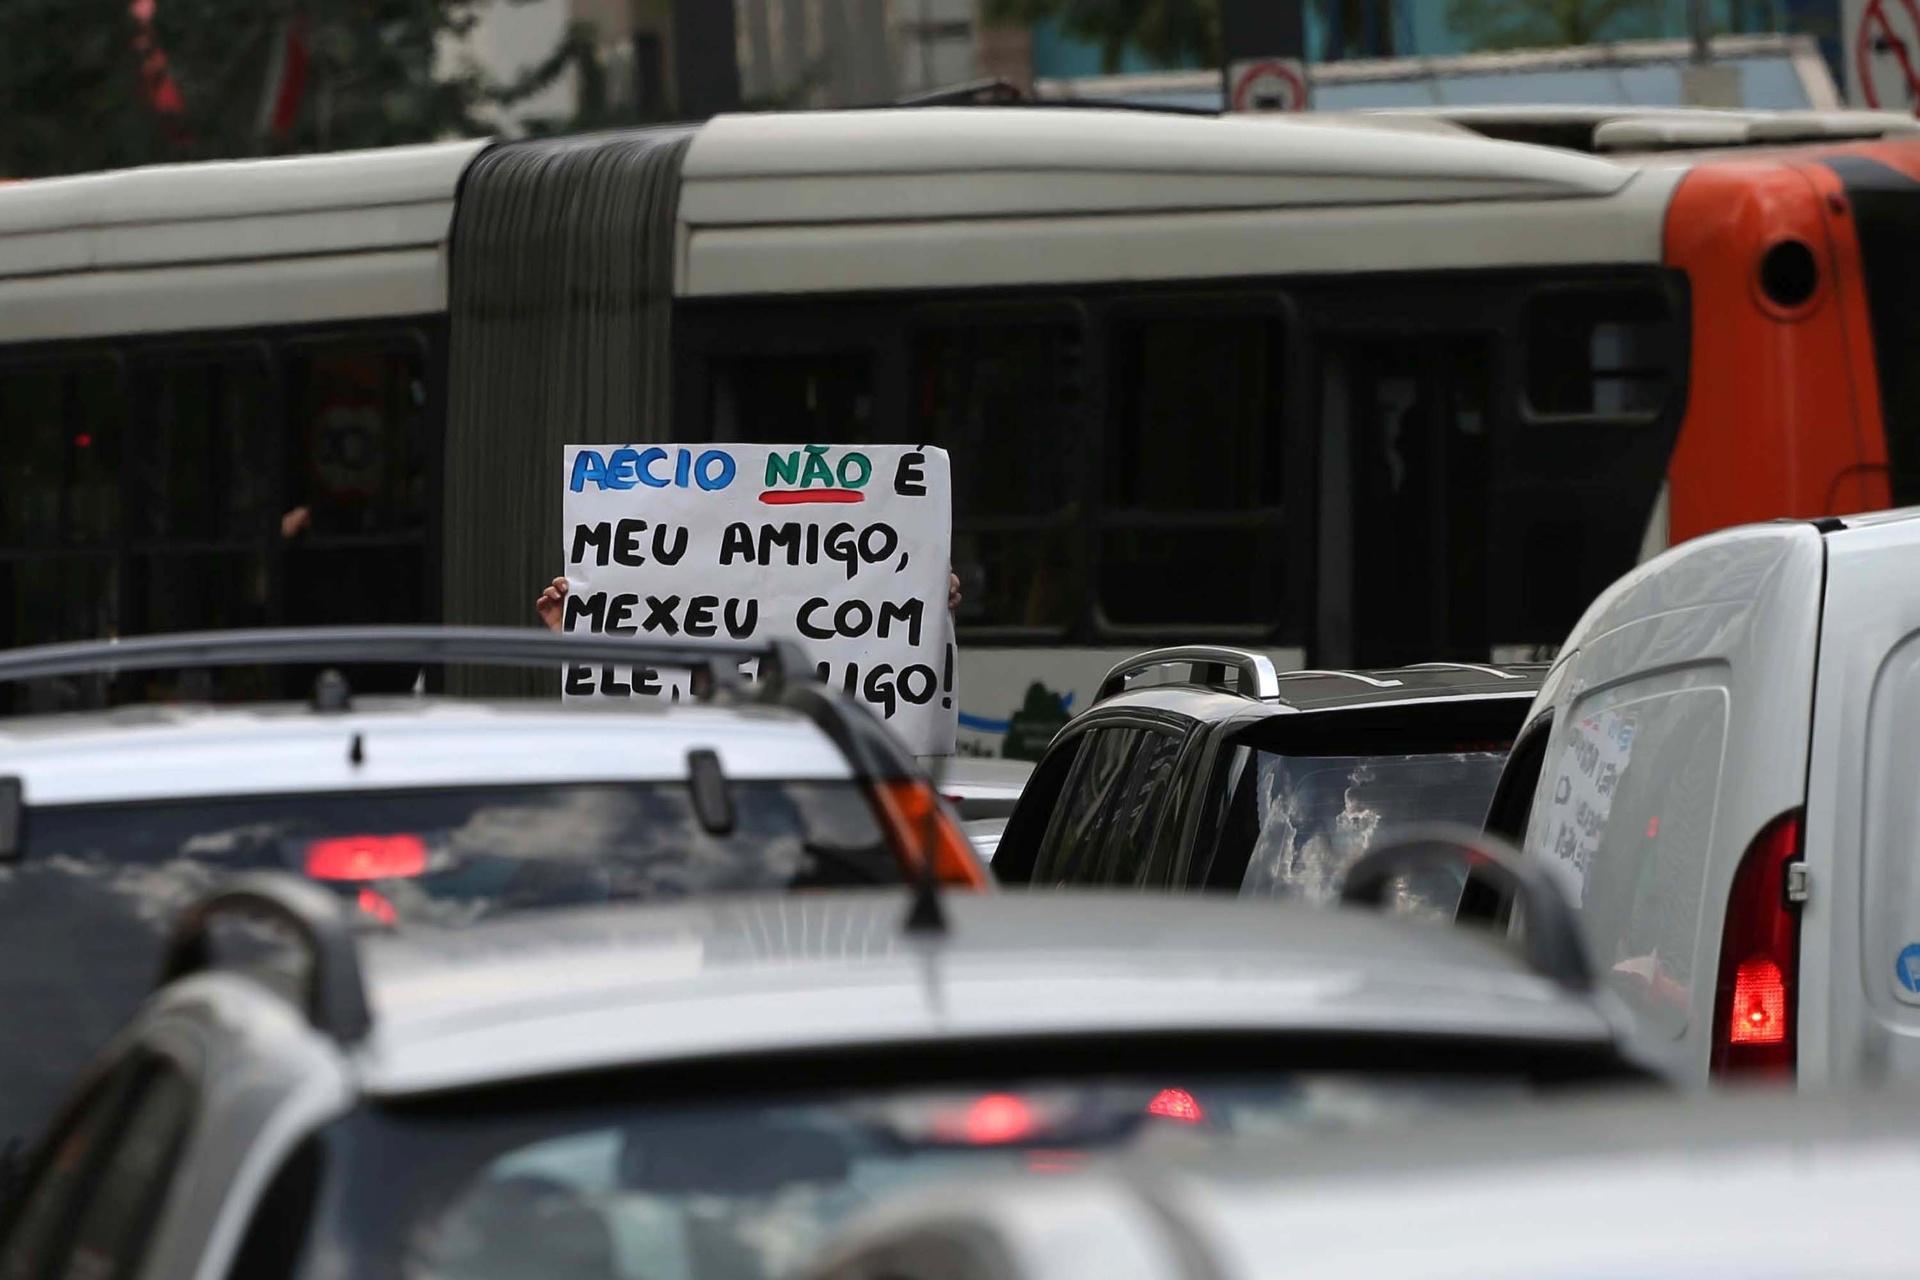 23.mar.2016 - Manifestante levanta cartaz na Av. Paulista em protesto ao senador Aécio Neves (PSDB).